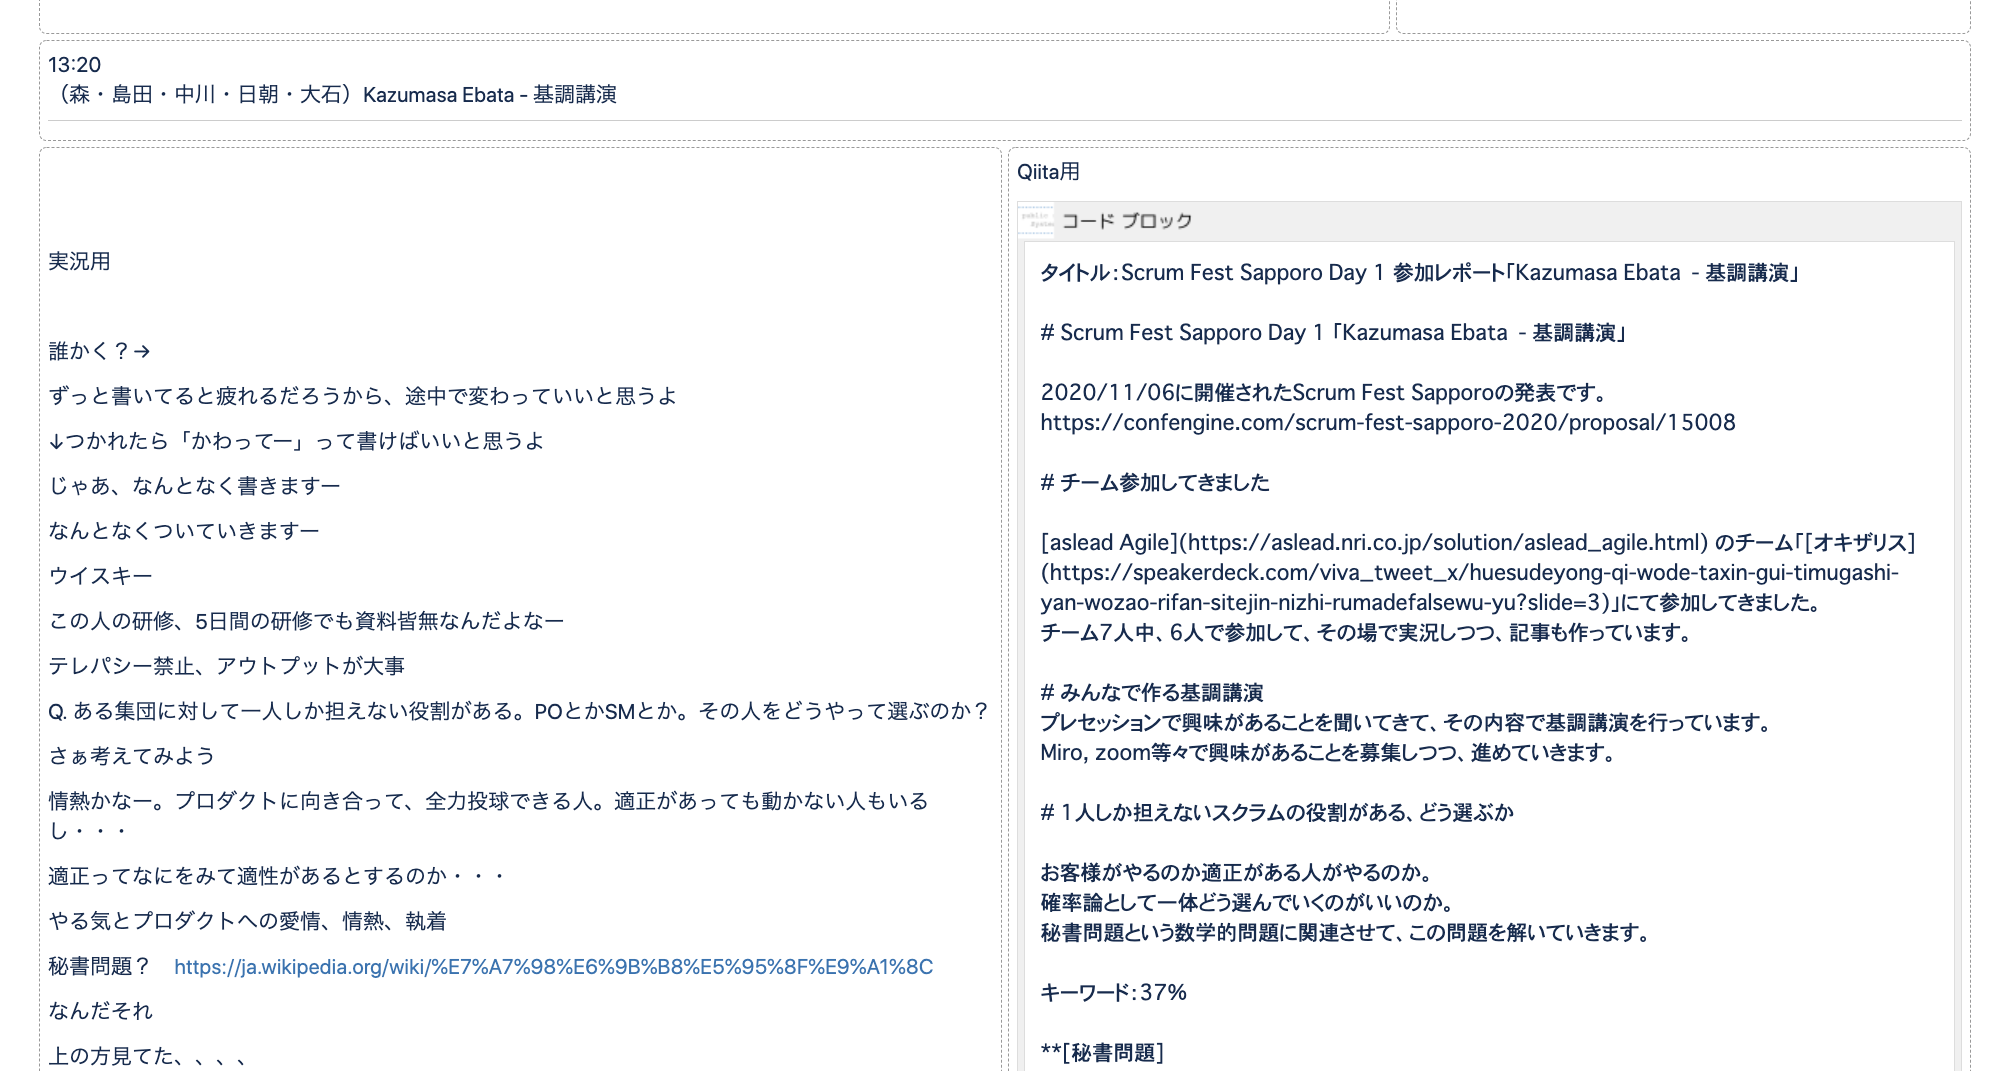 スクリーンショット 2020-11-07 14.29.54.png